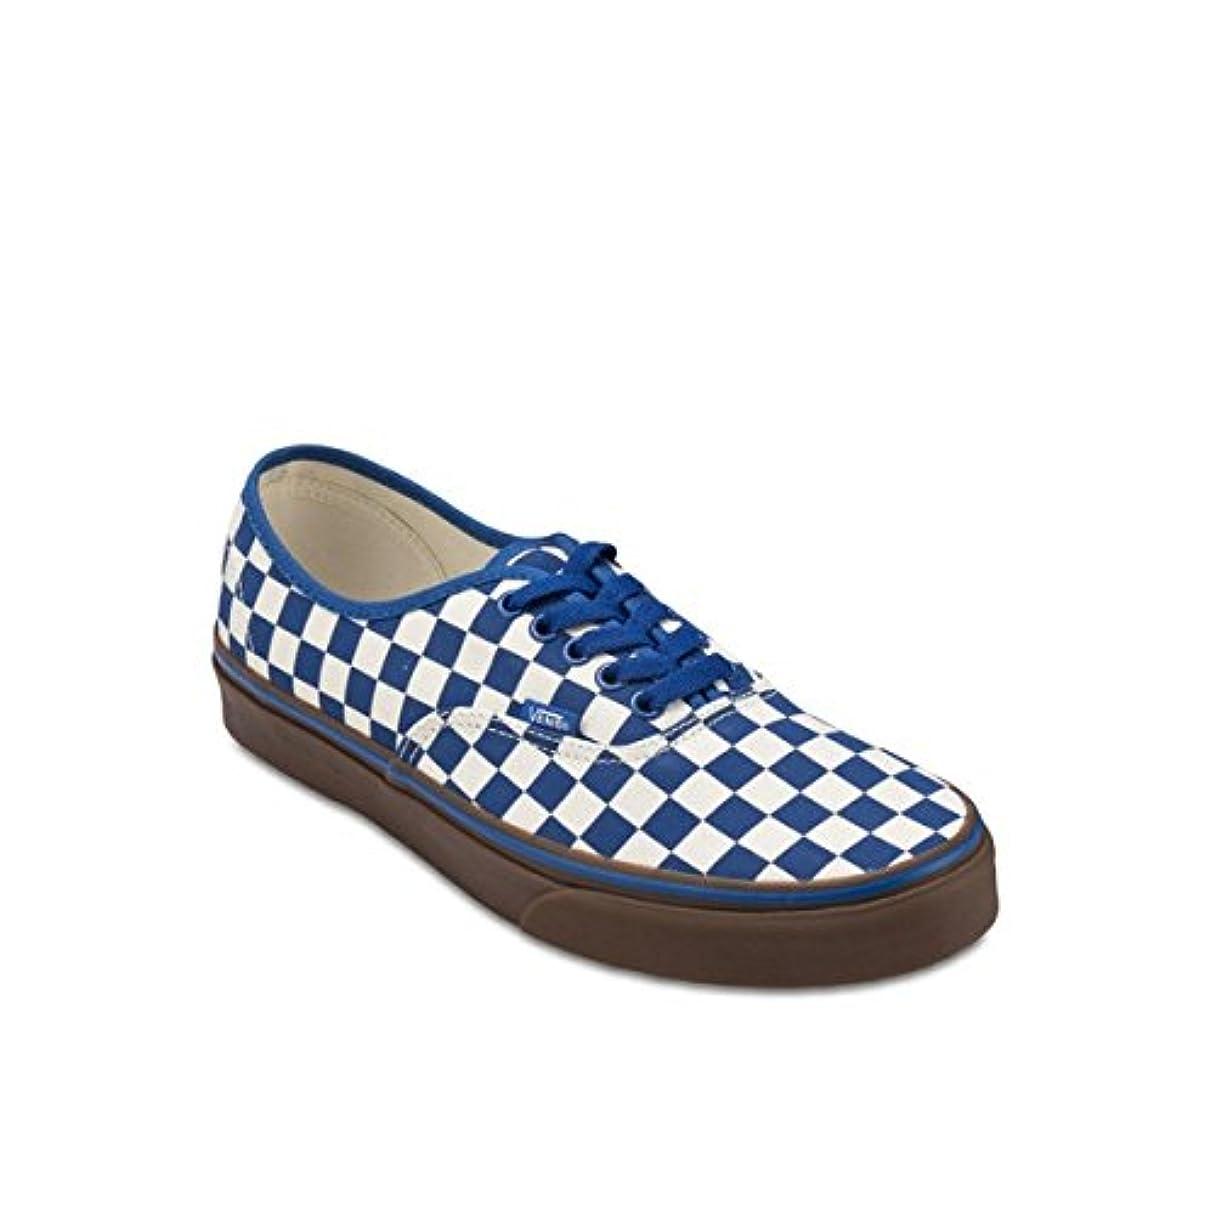 ボックスバレエステーキ(バンズ) VANS レディース シューズ?靴 スニーカー Authentic Sneakers 並行輸入品